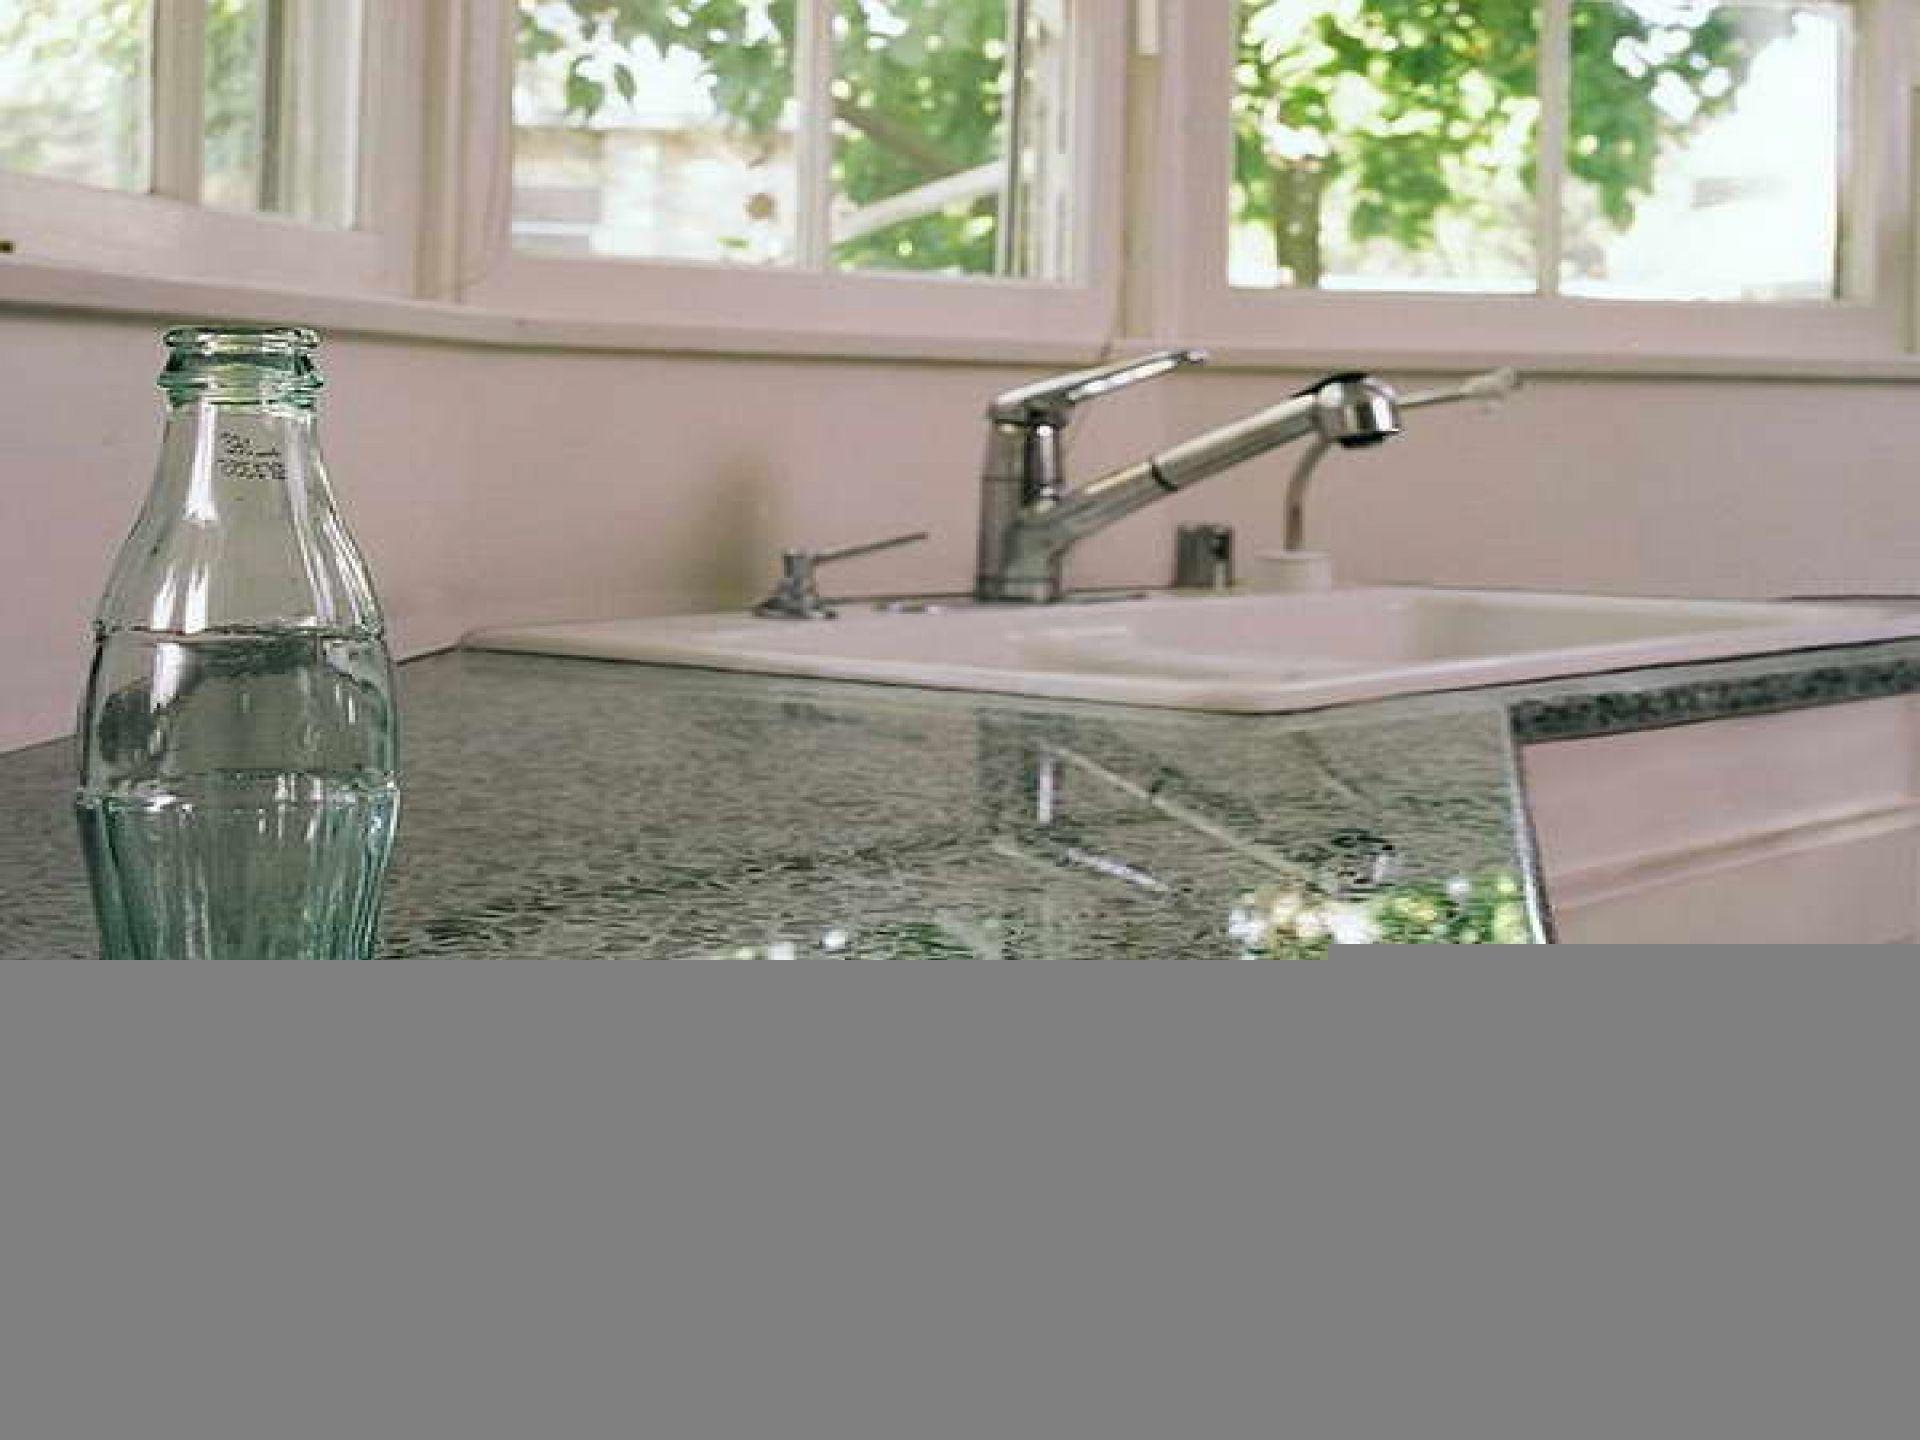 Inspiration Möbel Süße Weiße Porzellan Farhouse Waschbecken Auf Grün Glanz  Recycling Glas Arbeitsplatten In Kleinen Raum